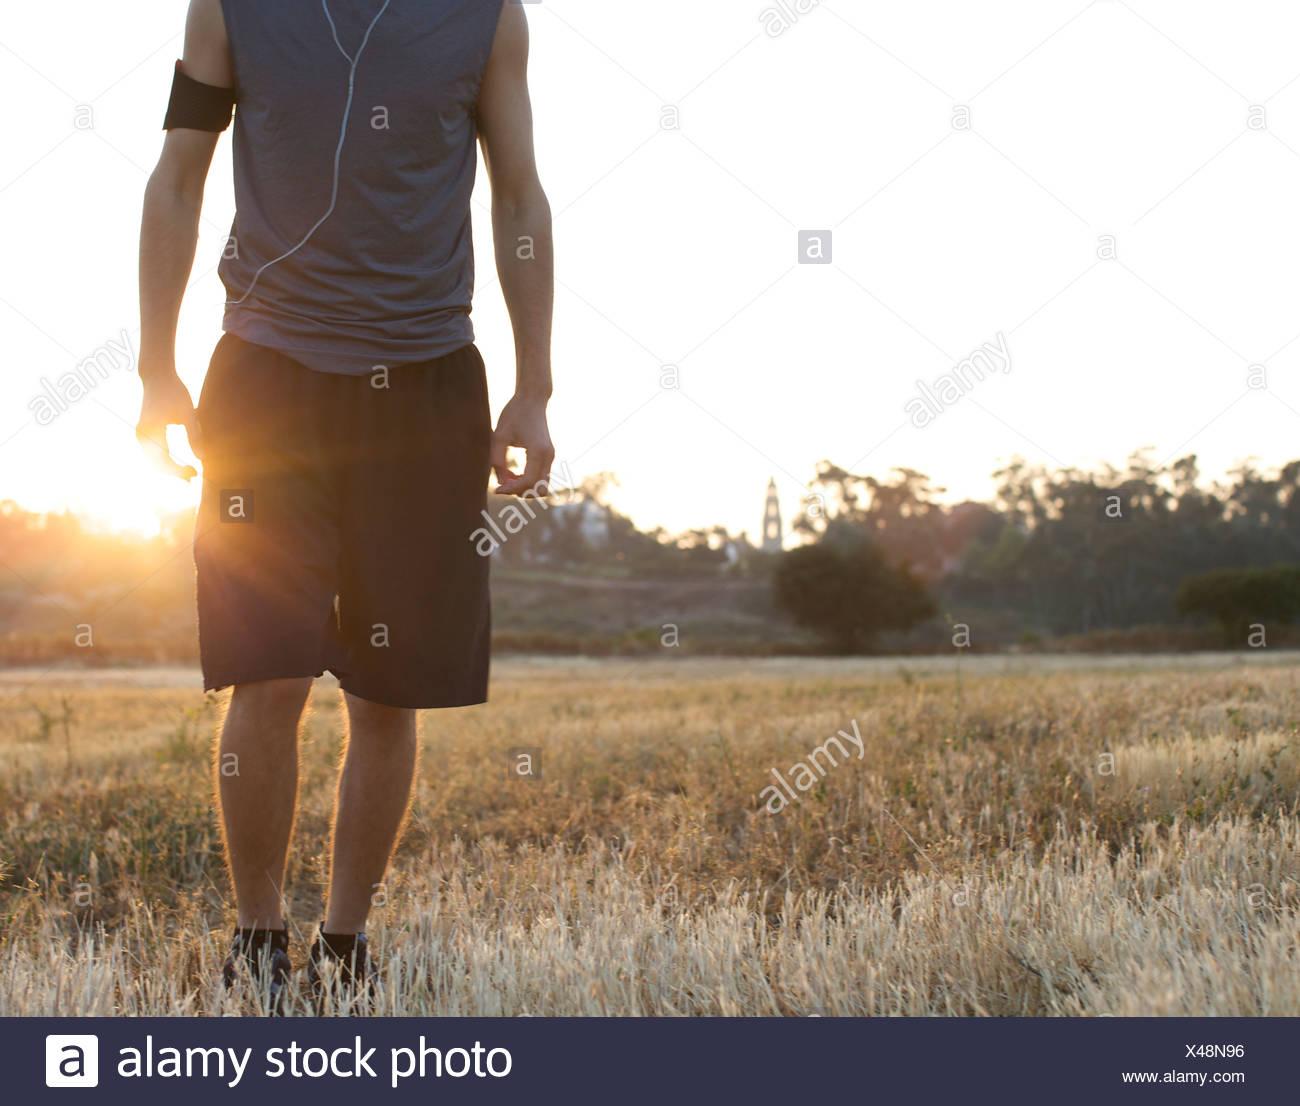 Männliche Läufer bleibt noch für ein Portrait auf einem offenen Feld mit Hintergrundbeleuchtung in San Diego, Kalifornien. Stockbild